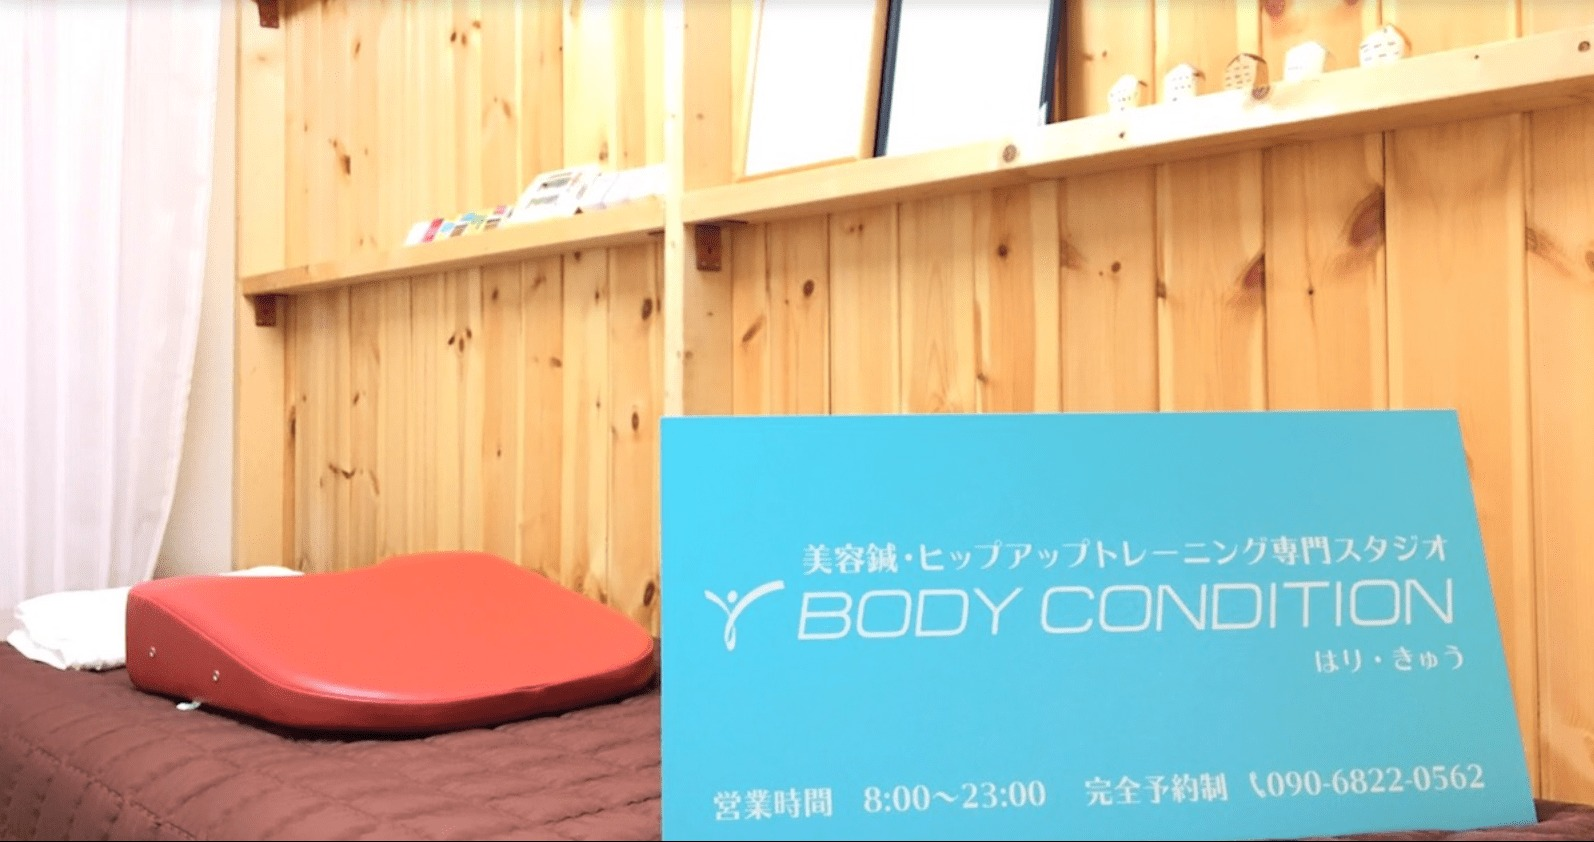 BODY CONDITION(ボディコンディション)のジム画像1